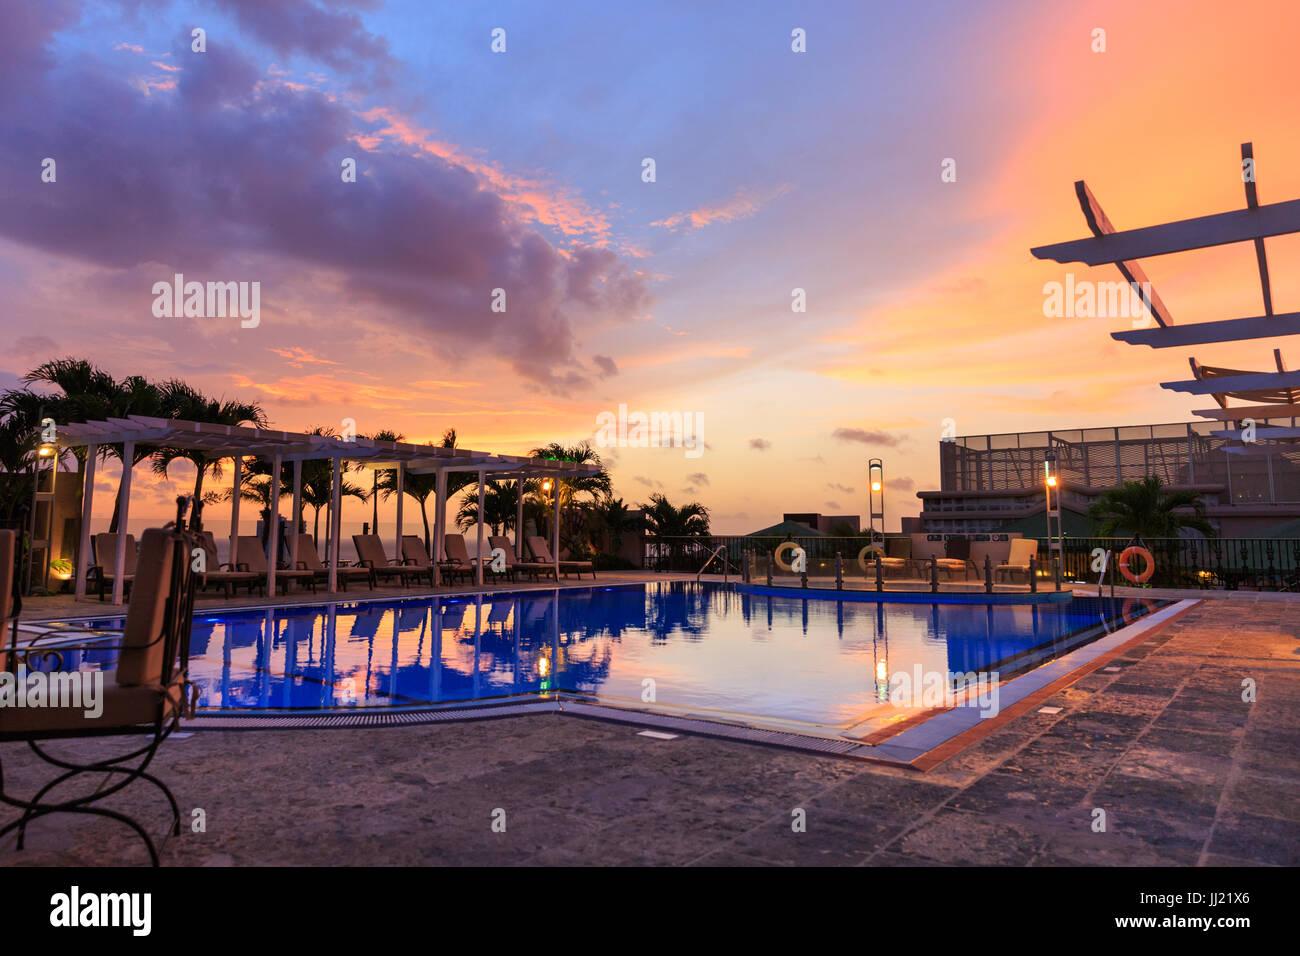 Puesta de sol en la piscina de la azotea del Hotel Parque Central en La Habana, Cuba Imagen De Stock